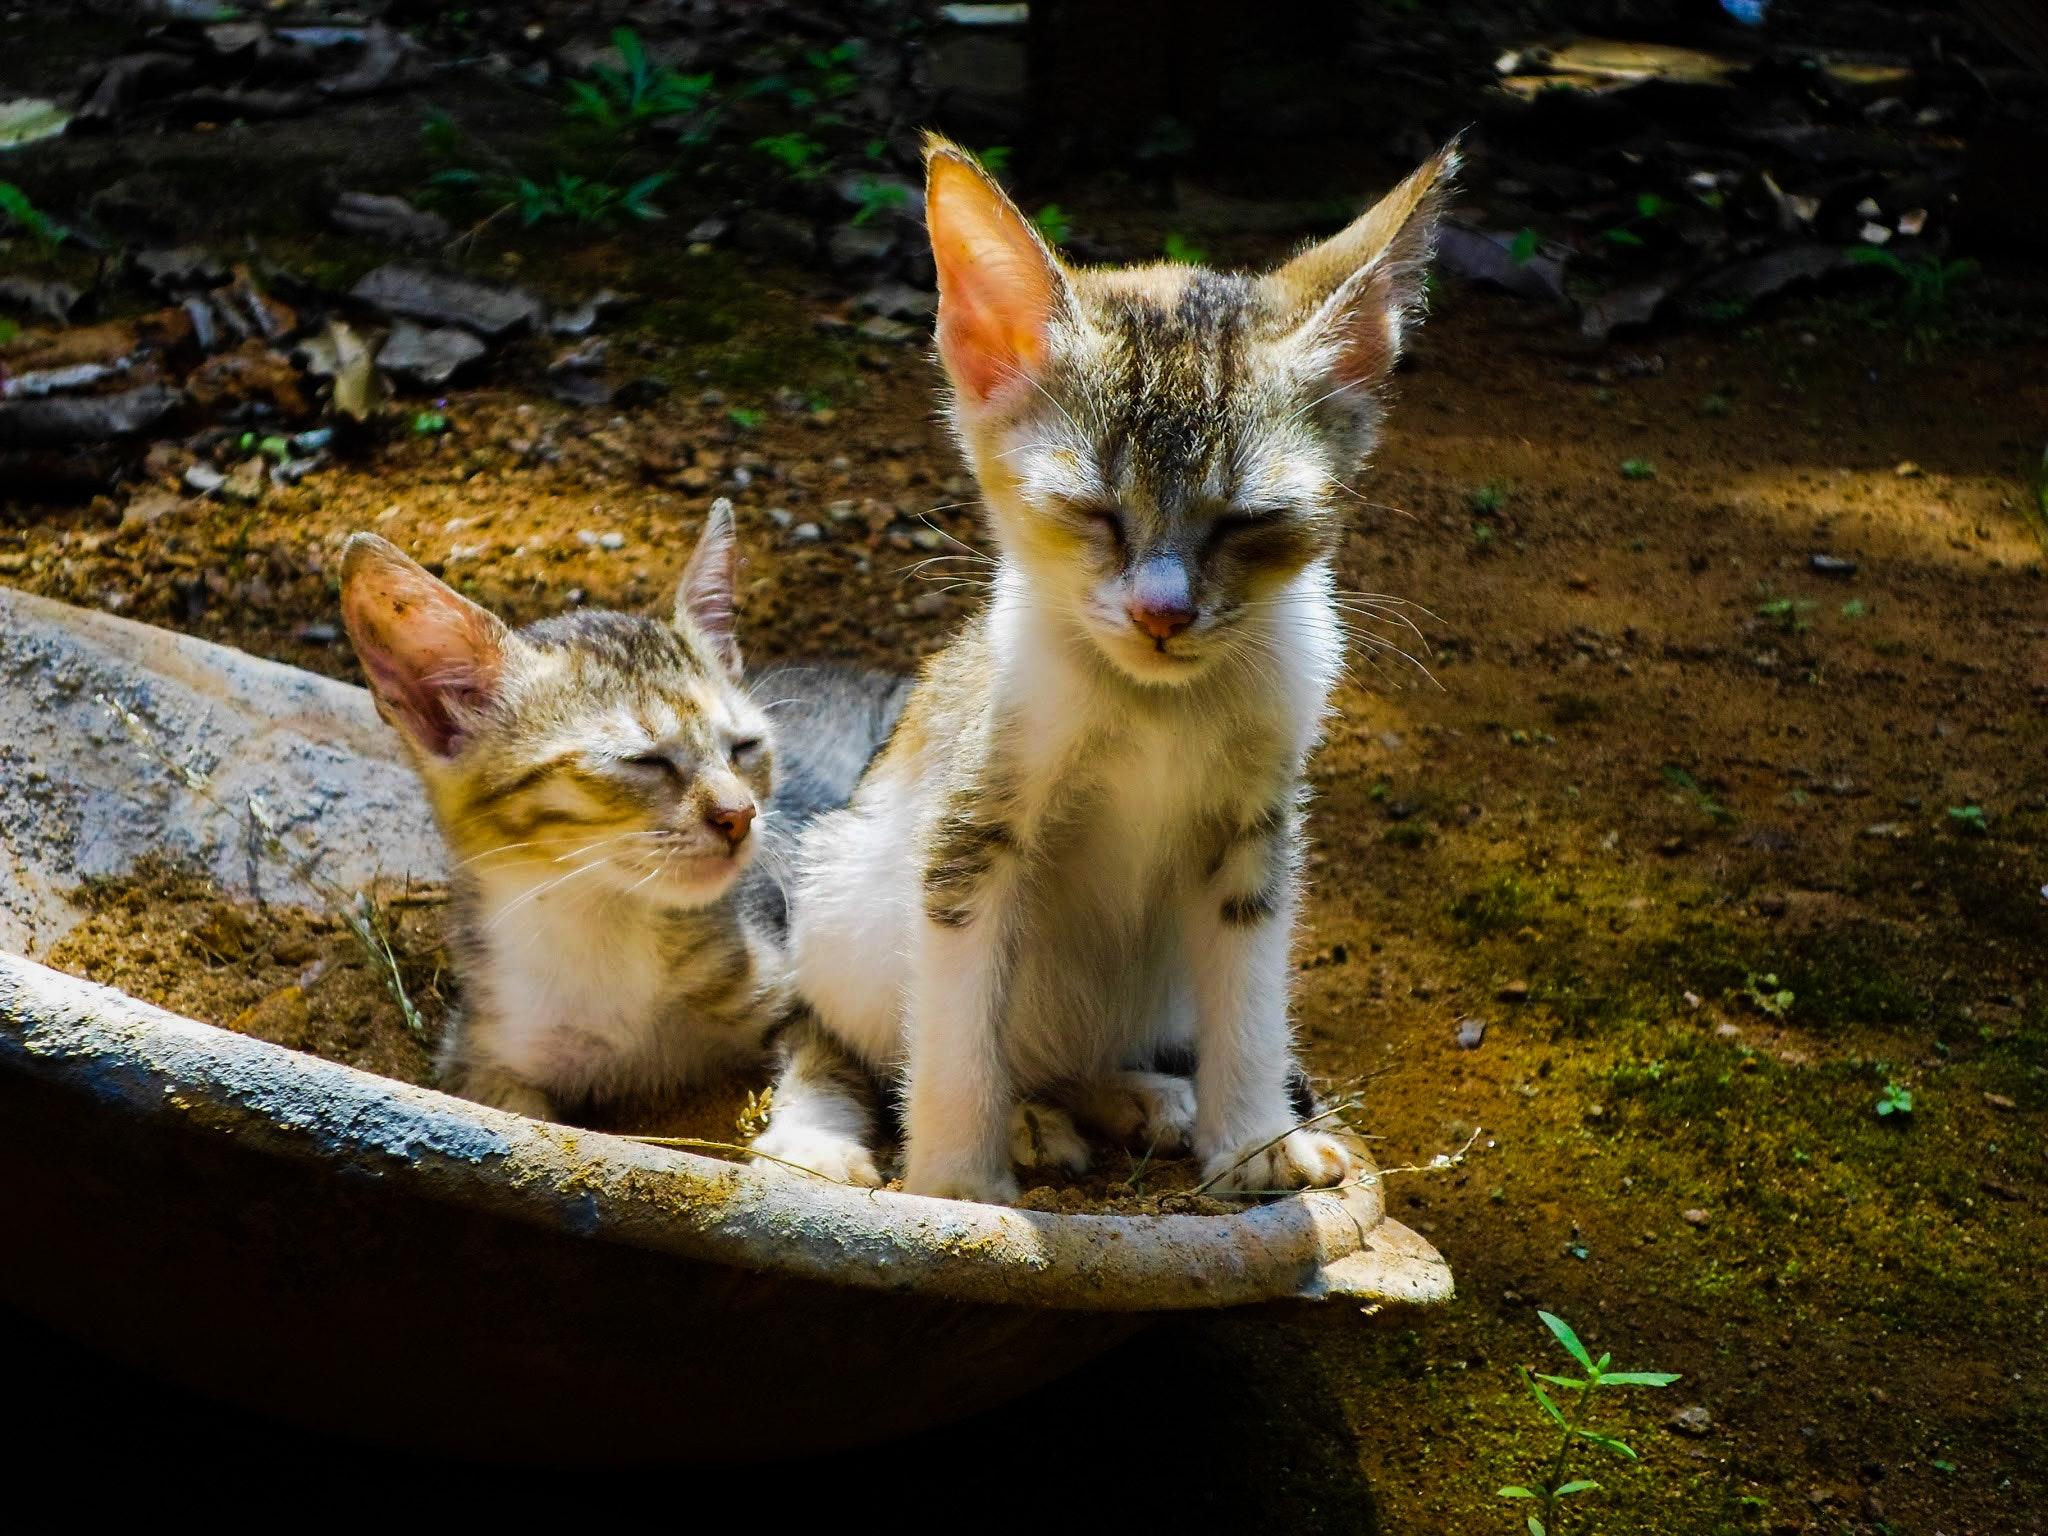 Kostenloses Foto Zum Thema Guten Morgen Katze Katzen